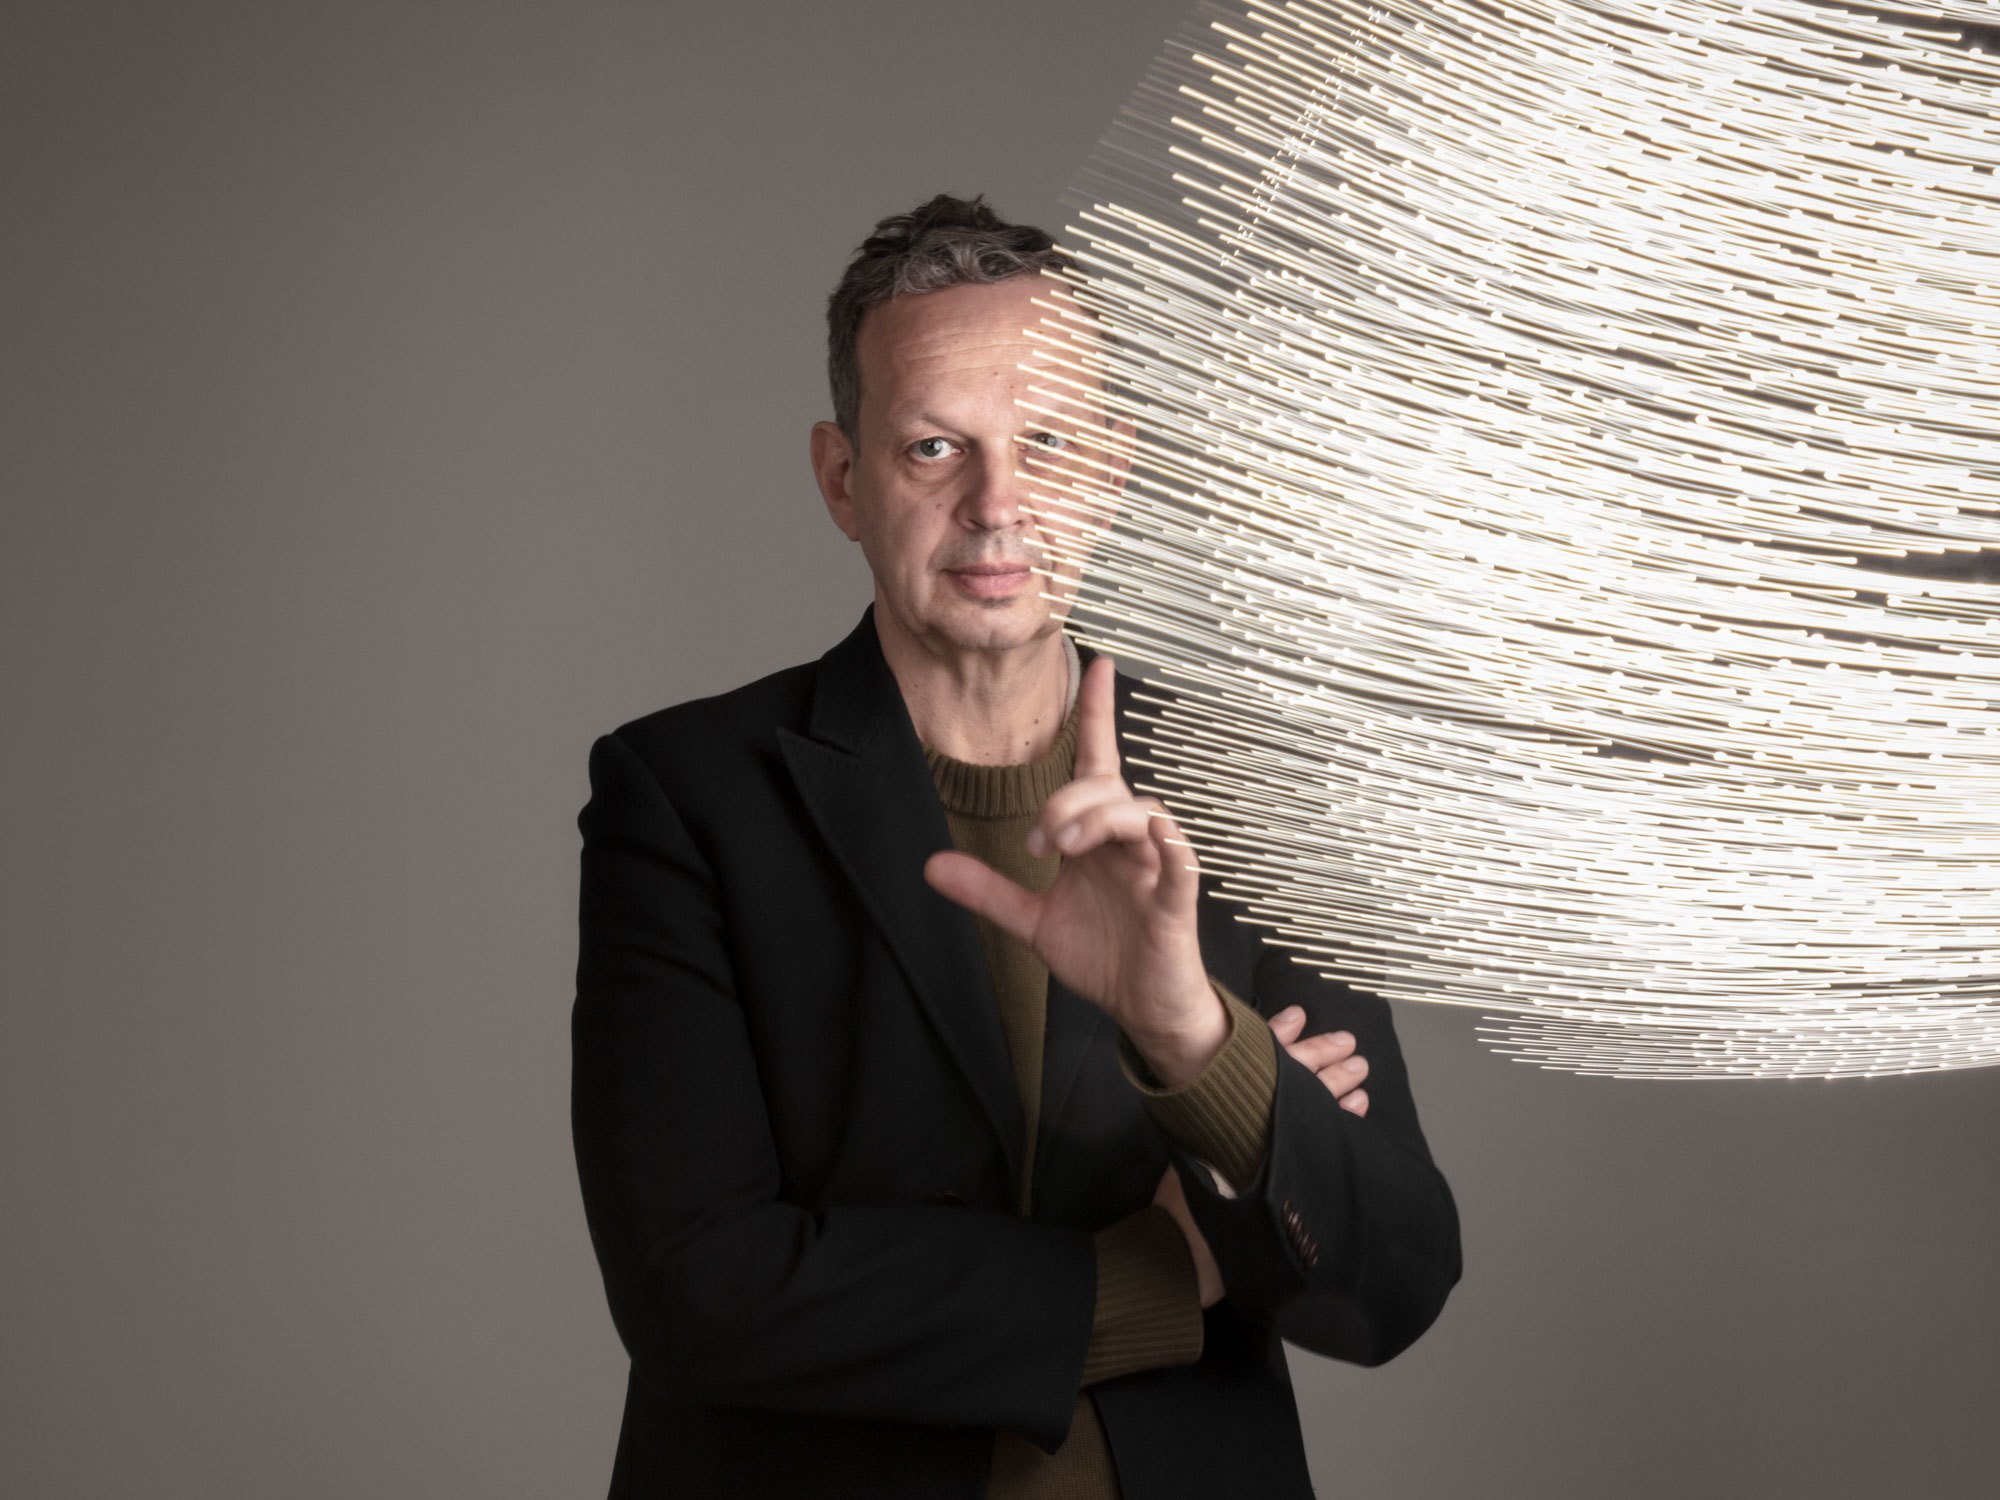 """""""Ich habe eine ganz klare Vorliebe für rohe, monolithische Materialien – ebenso für außen ablesbare Herstellungstechniken. Darin liegt ein roter Faden, der sich durch alle Projekte zieht, selbst wenn sich deren Ästhetik verändert hat"""",definiert Tom Dixon seine ästhetischen Präferenzen. Foto: Studio Tom Dixon"""